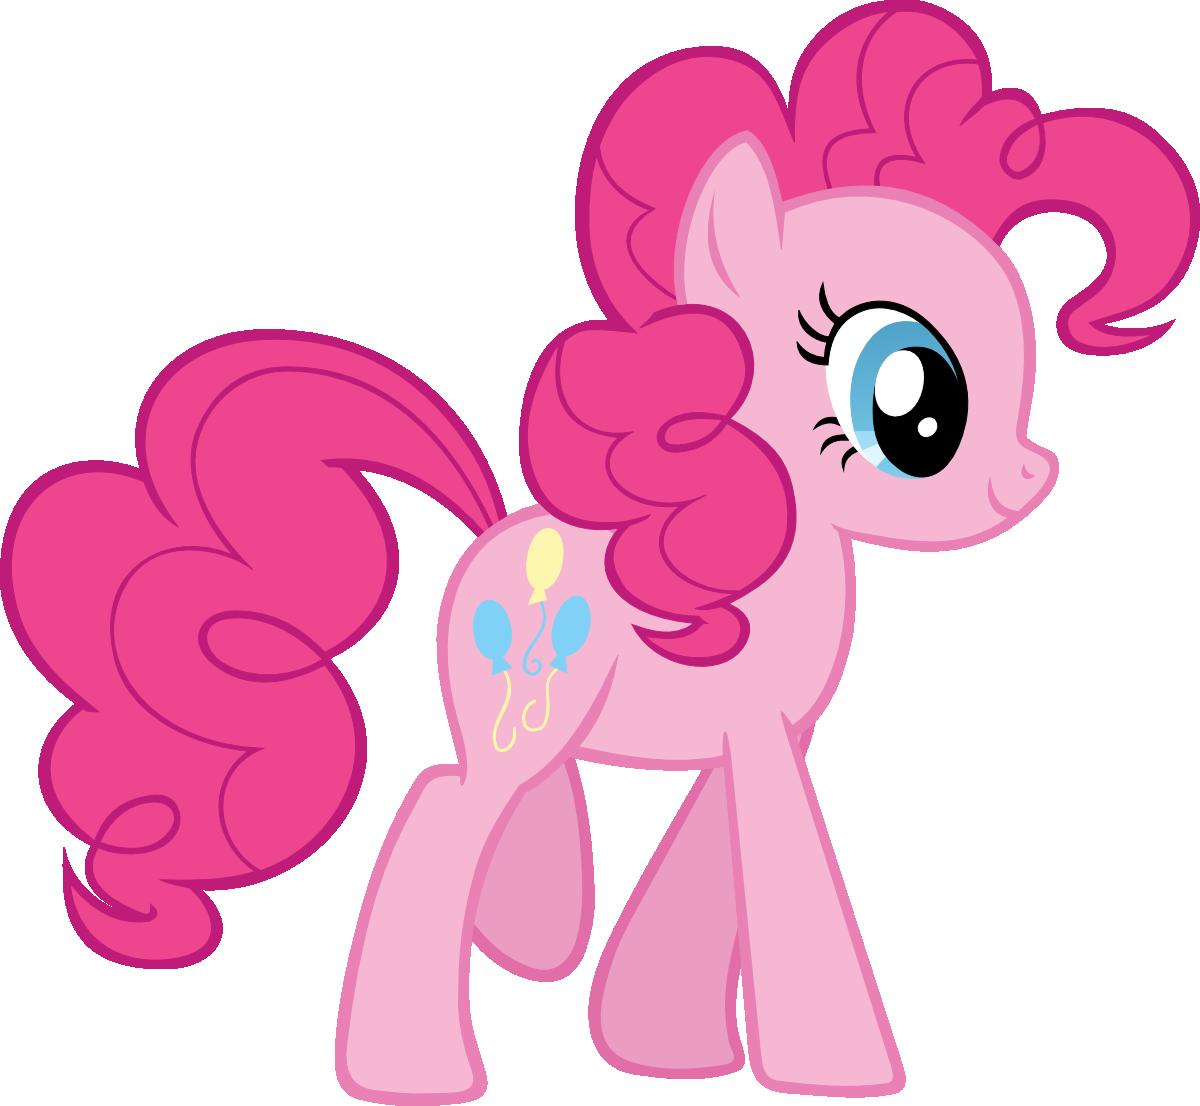 Profile Pinkie Pie by EvilTurnover on DeviantArt